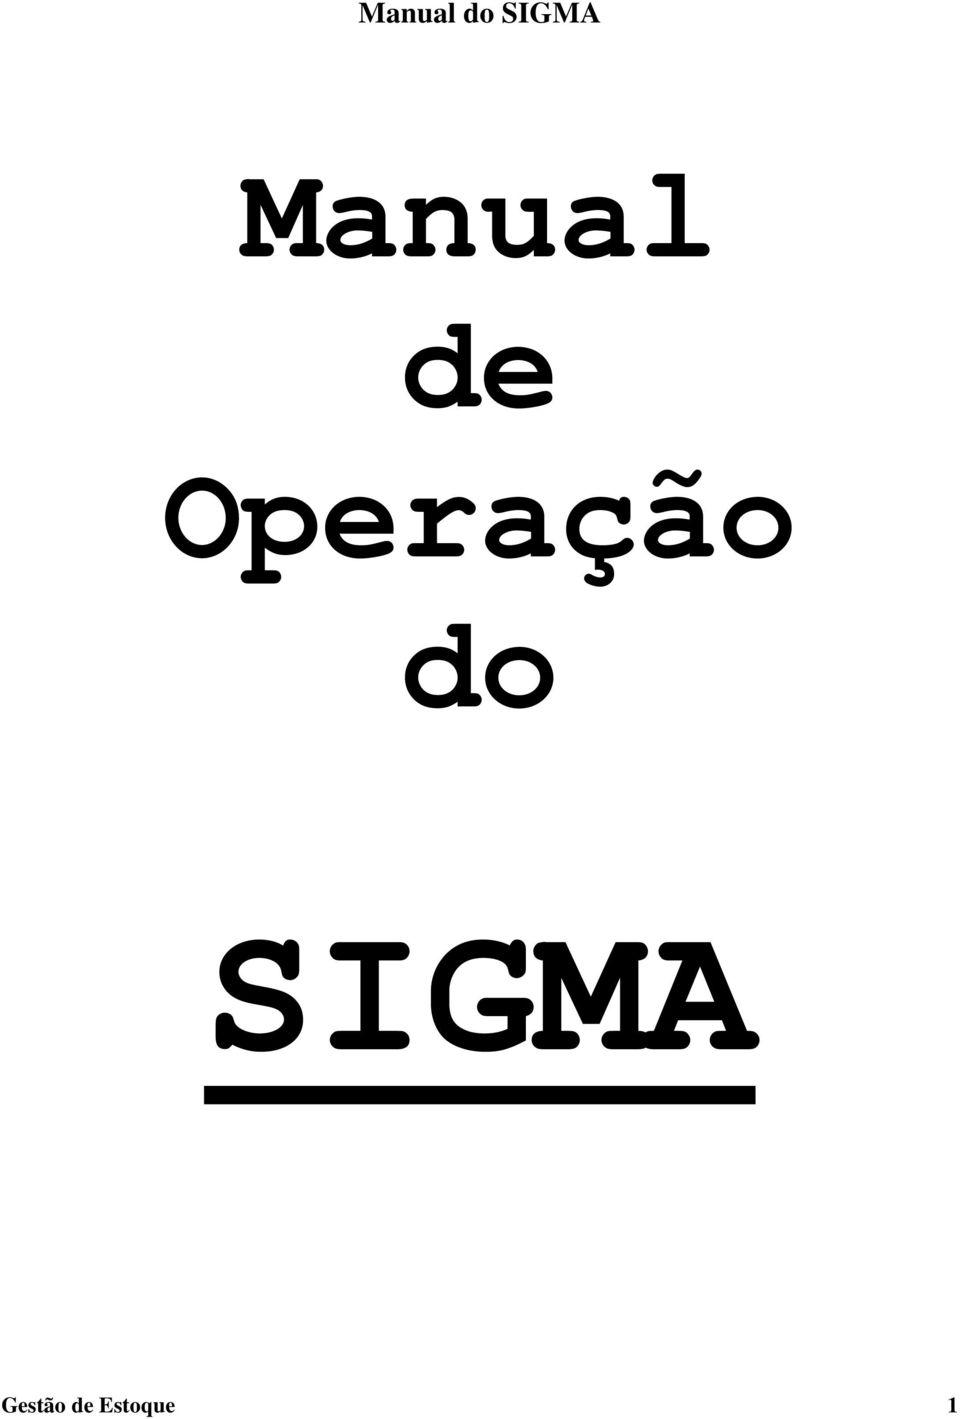 Manual do SIGMA. Manual de Operação do SIGMA. Gestão de